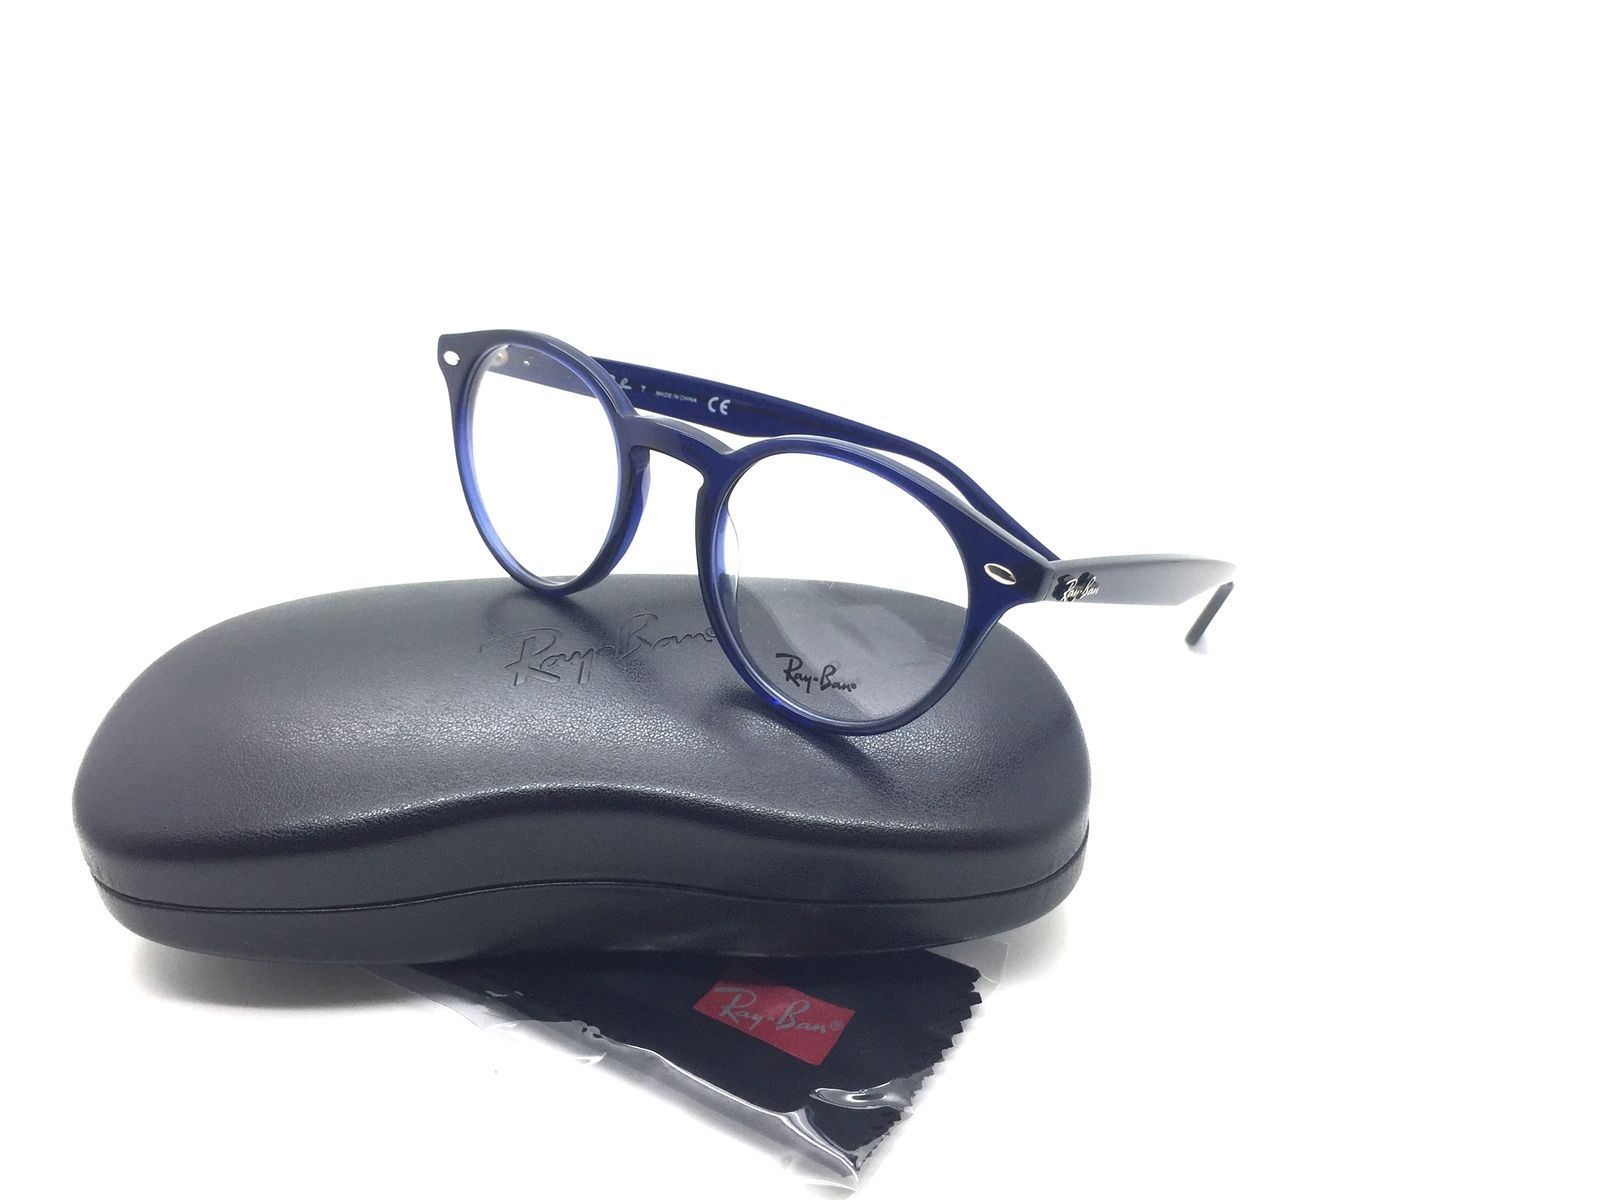 d9bc409ef65 Ray Ban Blau RB 2180 V 2013 49 mm Designer Demo Brillengläser Brille -  £60.26 GBP